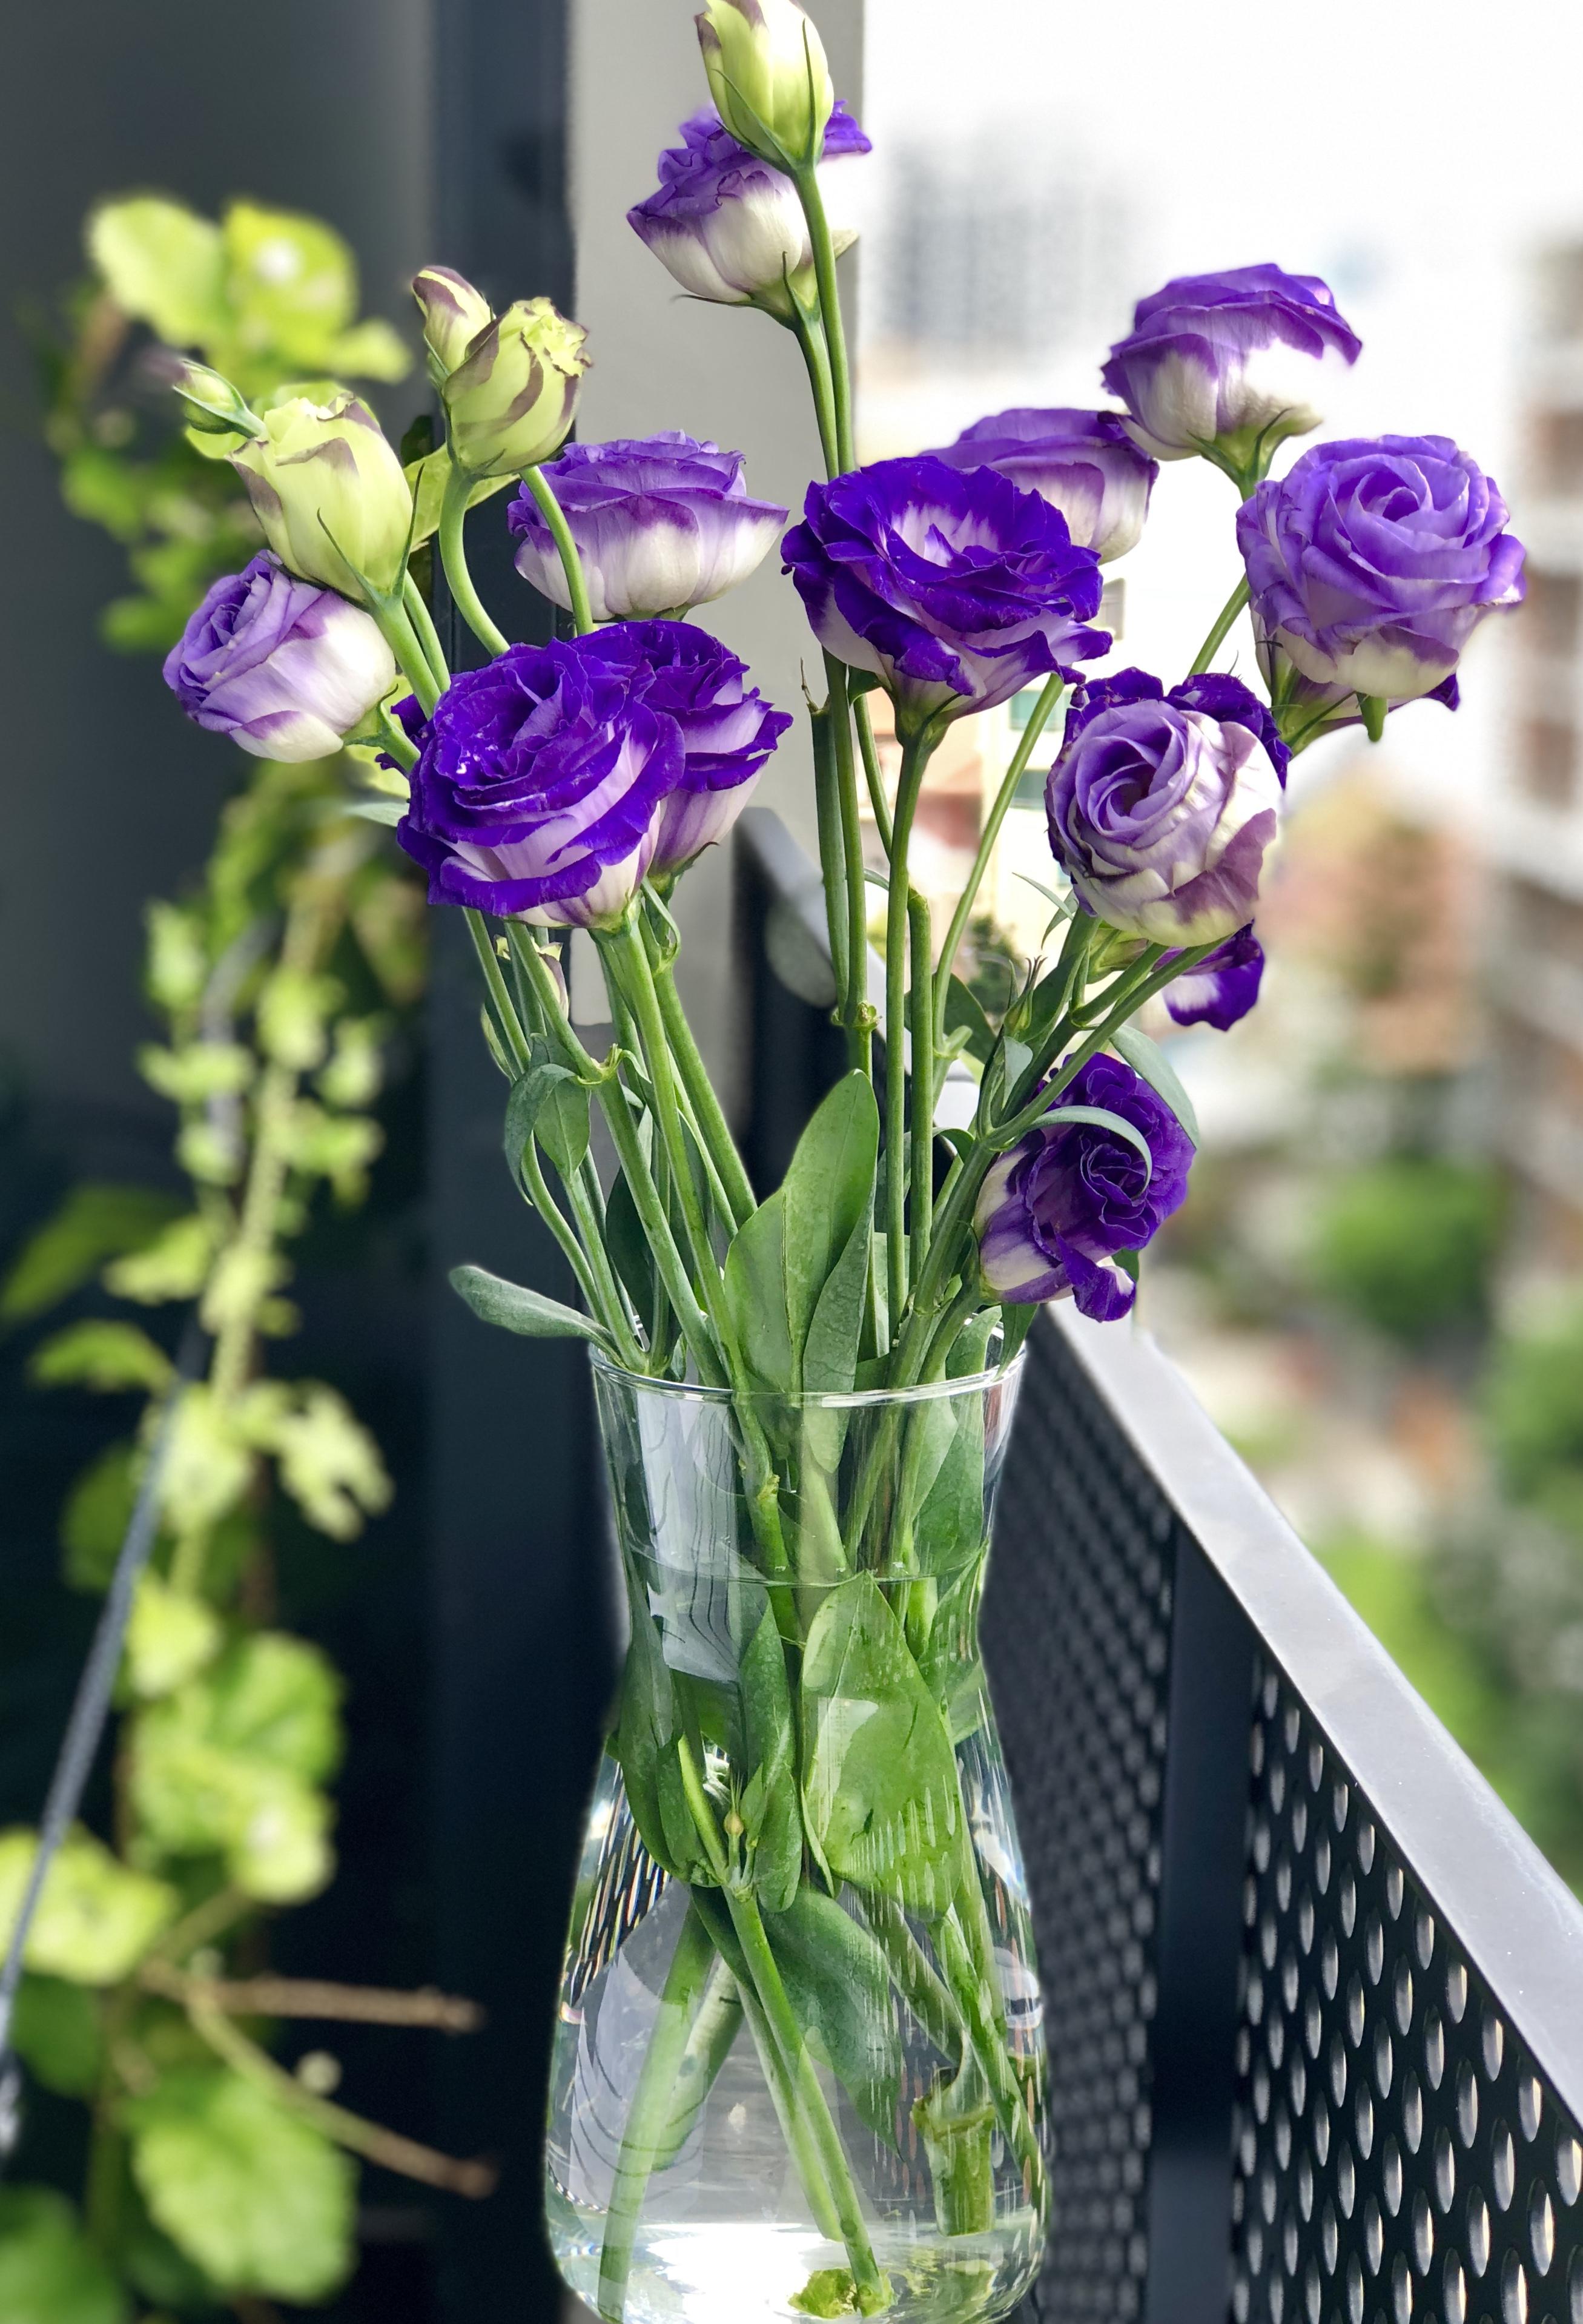 1000 Beautiful Beautiful Flowers Photos 183 Pexels 183 Free